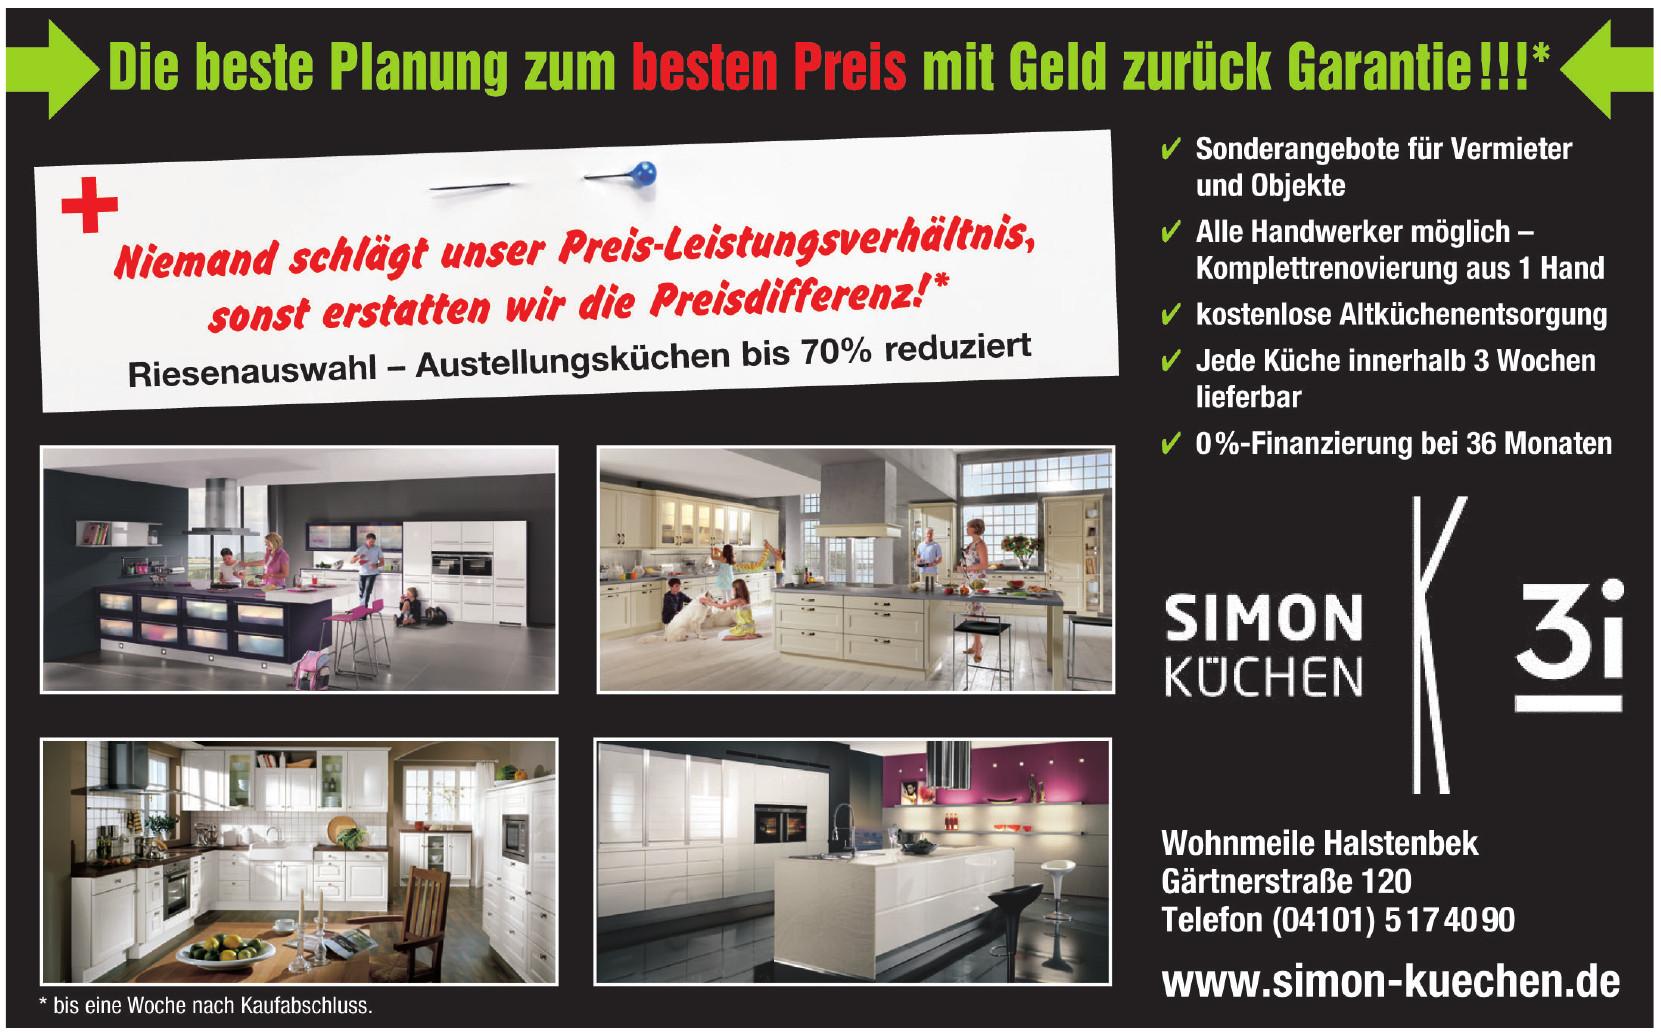 Simon Küchen